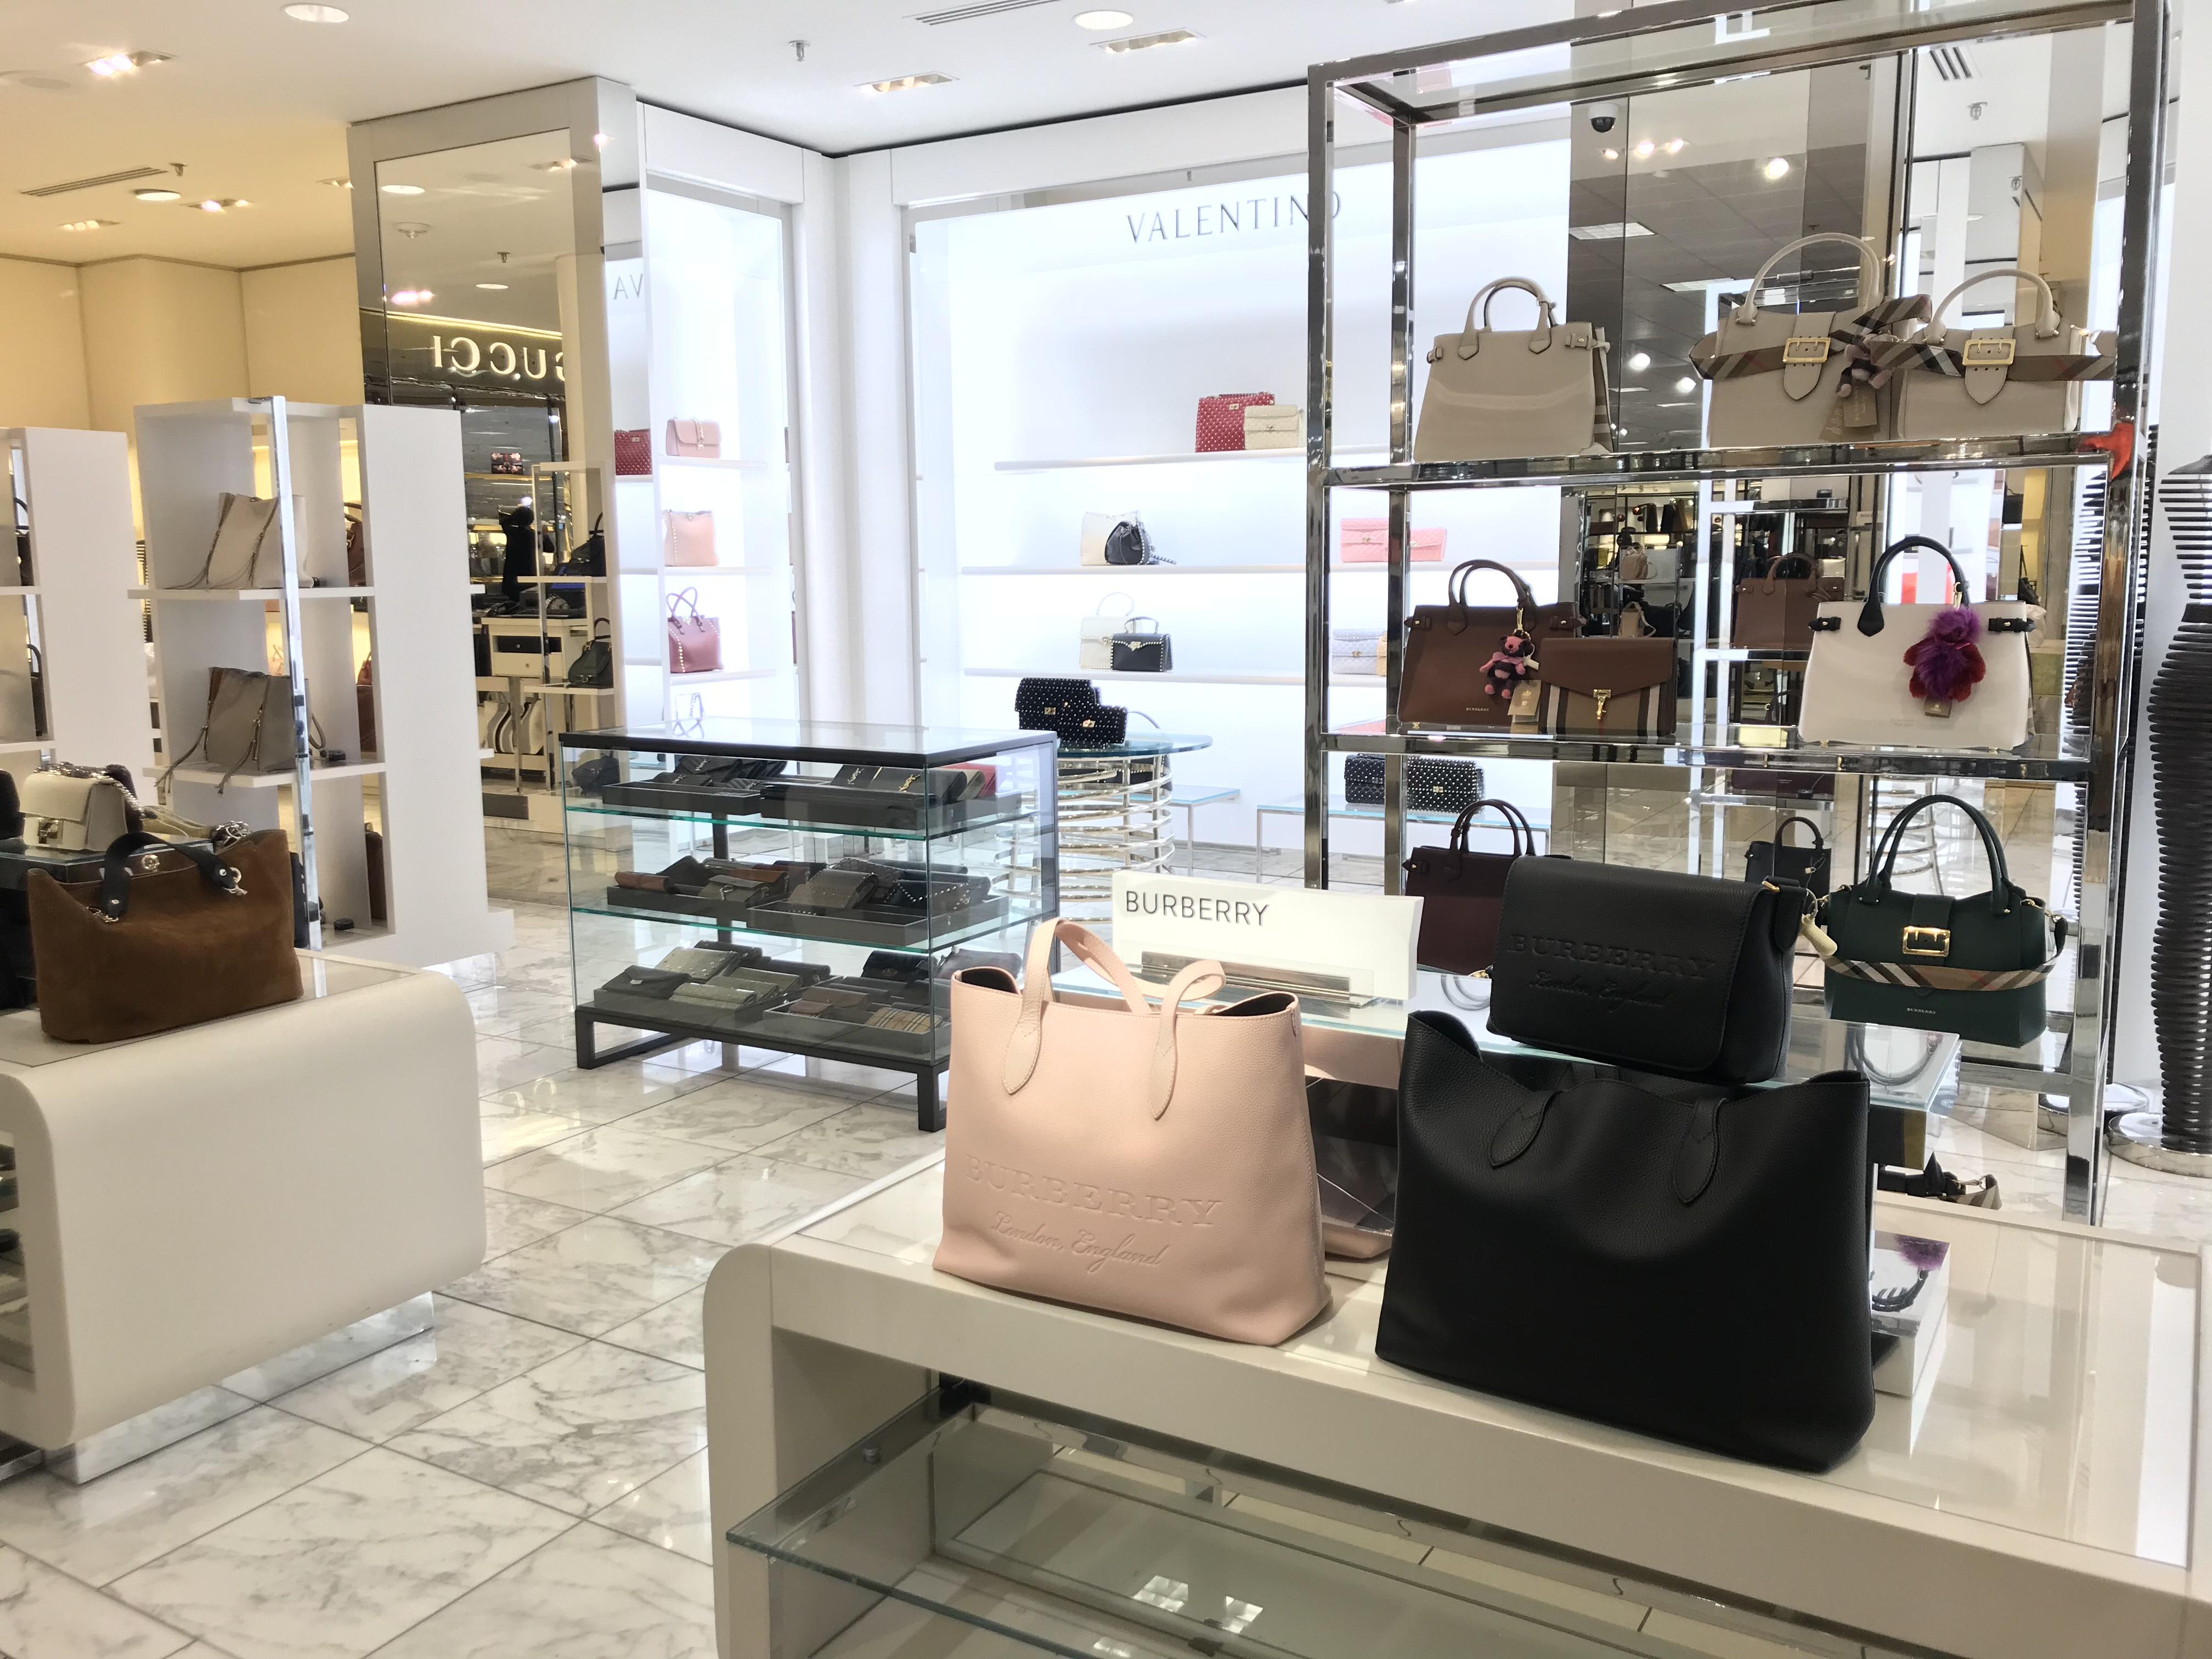 史丹福購物中心的Nordstorm 9日傳出大批名牌包包遭竊,有近50個包包被搶,價值超過10萬元。(記者林亞歆/攝影)